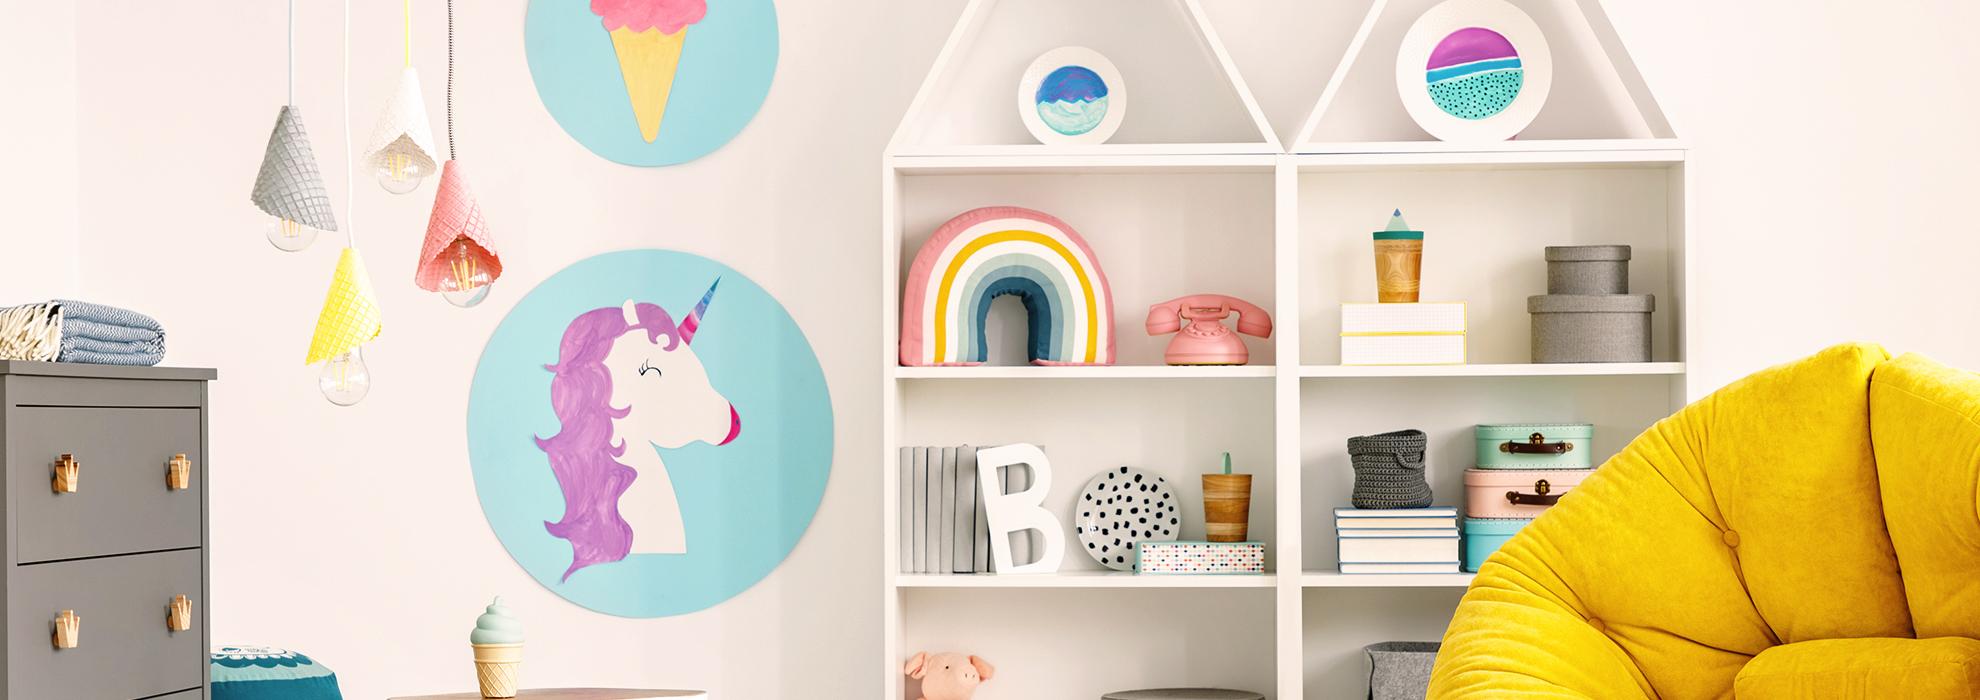 Dipinti Murali Per Camerette consigli e idee per la cameretta per bambini fai da te